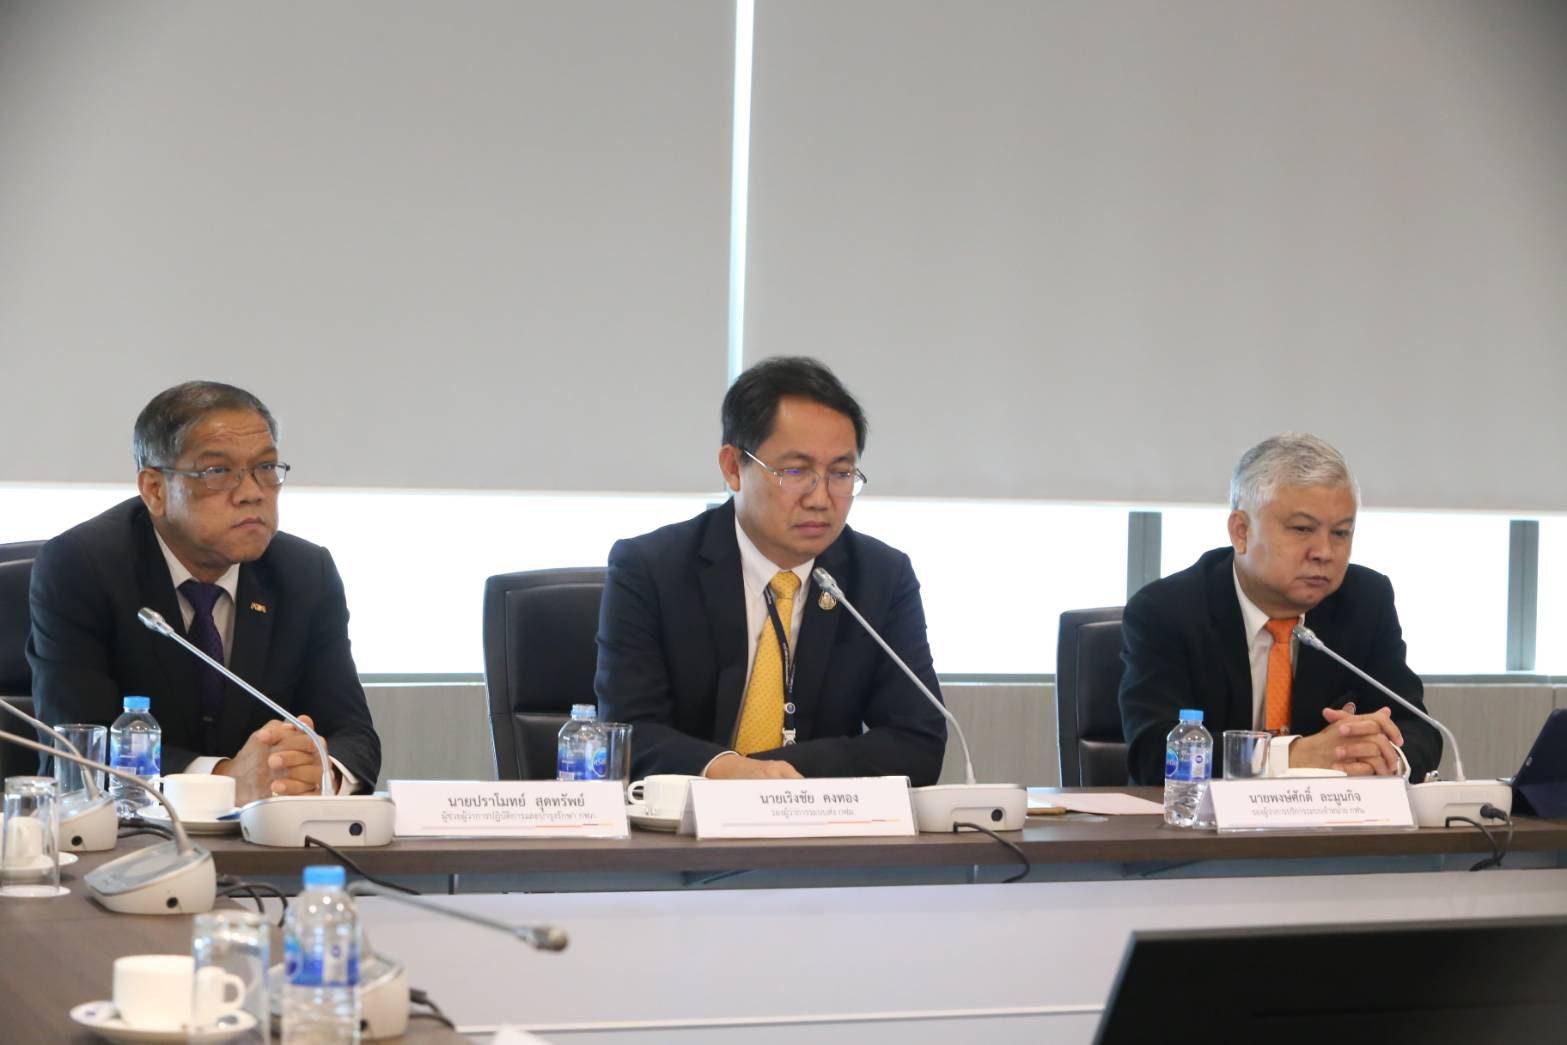 3 การไฟฟ้า ประชุมคณะกรรมการปรับปรุงความเชื่อถือได้ของระบบไฟฟ้า ครั้งที่ 50